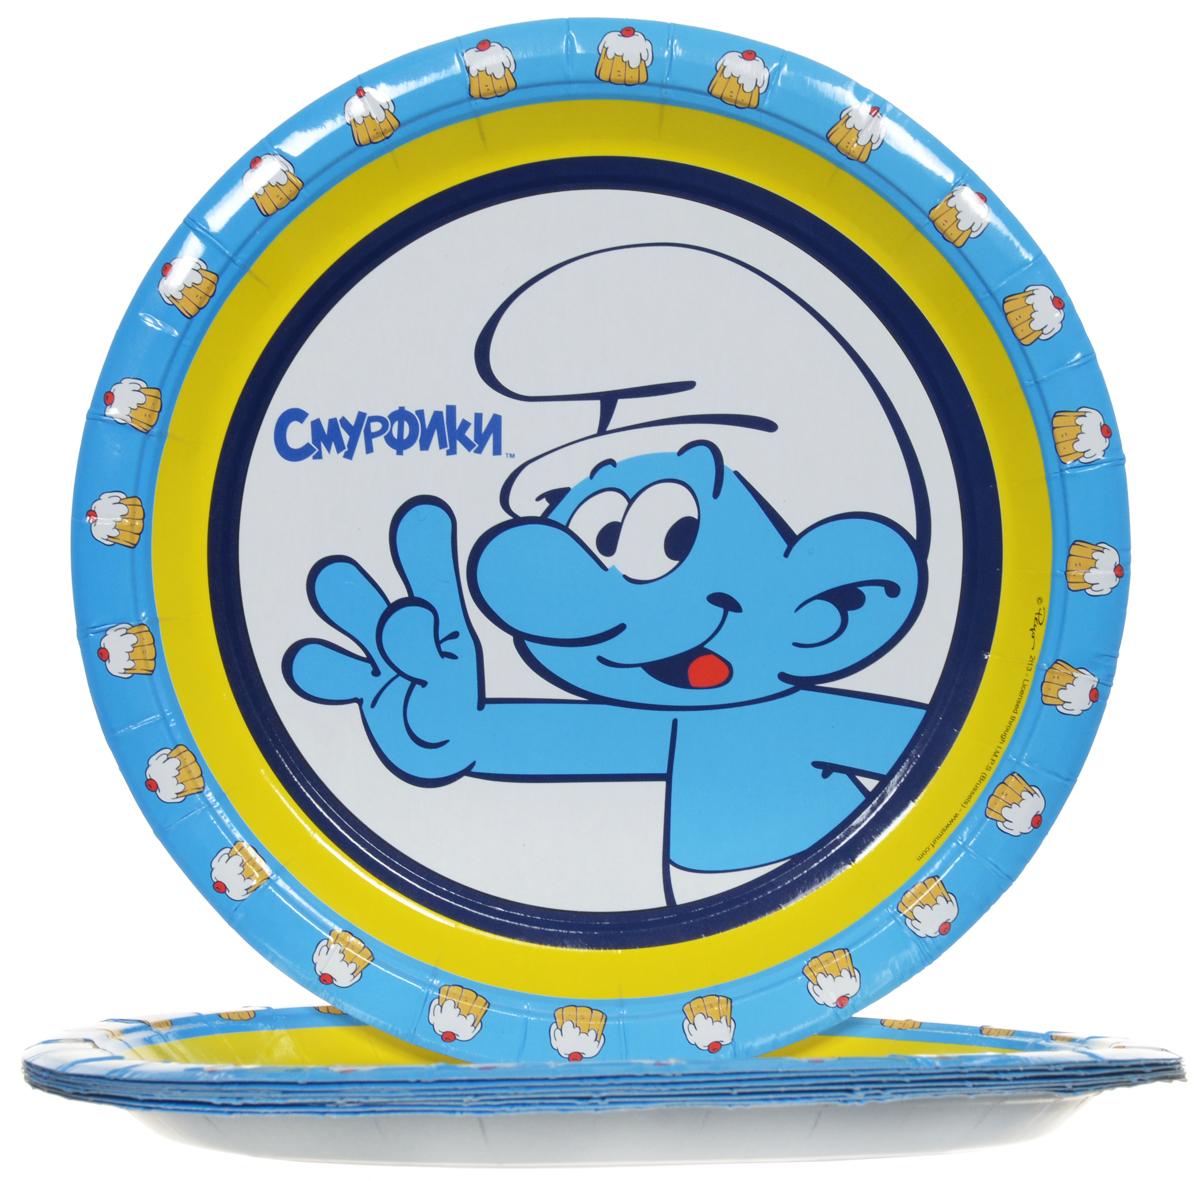 Смурфики Набор одноразовых тарелок цвет голубой 10 шт23651Одноразовые тарелки прочно вошли в современную жизнь, и теперь многие люди просто не представляют праздник или пикник без таких нужных вещей: они почти невесомы, не могут разбиться и не нуждаются в мытье. Выполненные из картона одноразовые тарелки Смурфики являются экологически чистыми, поэтому не наносят вреда здоровью. Благодаря глянцевому ламинированию, они прекрасно справляются со своей задачей: удерживают еду, не промокают и не протекают. В наборе 10 тарелок.